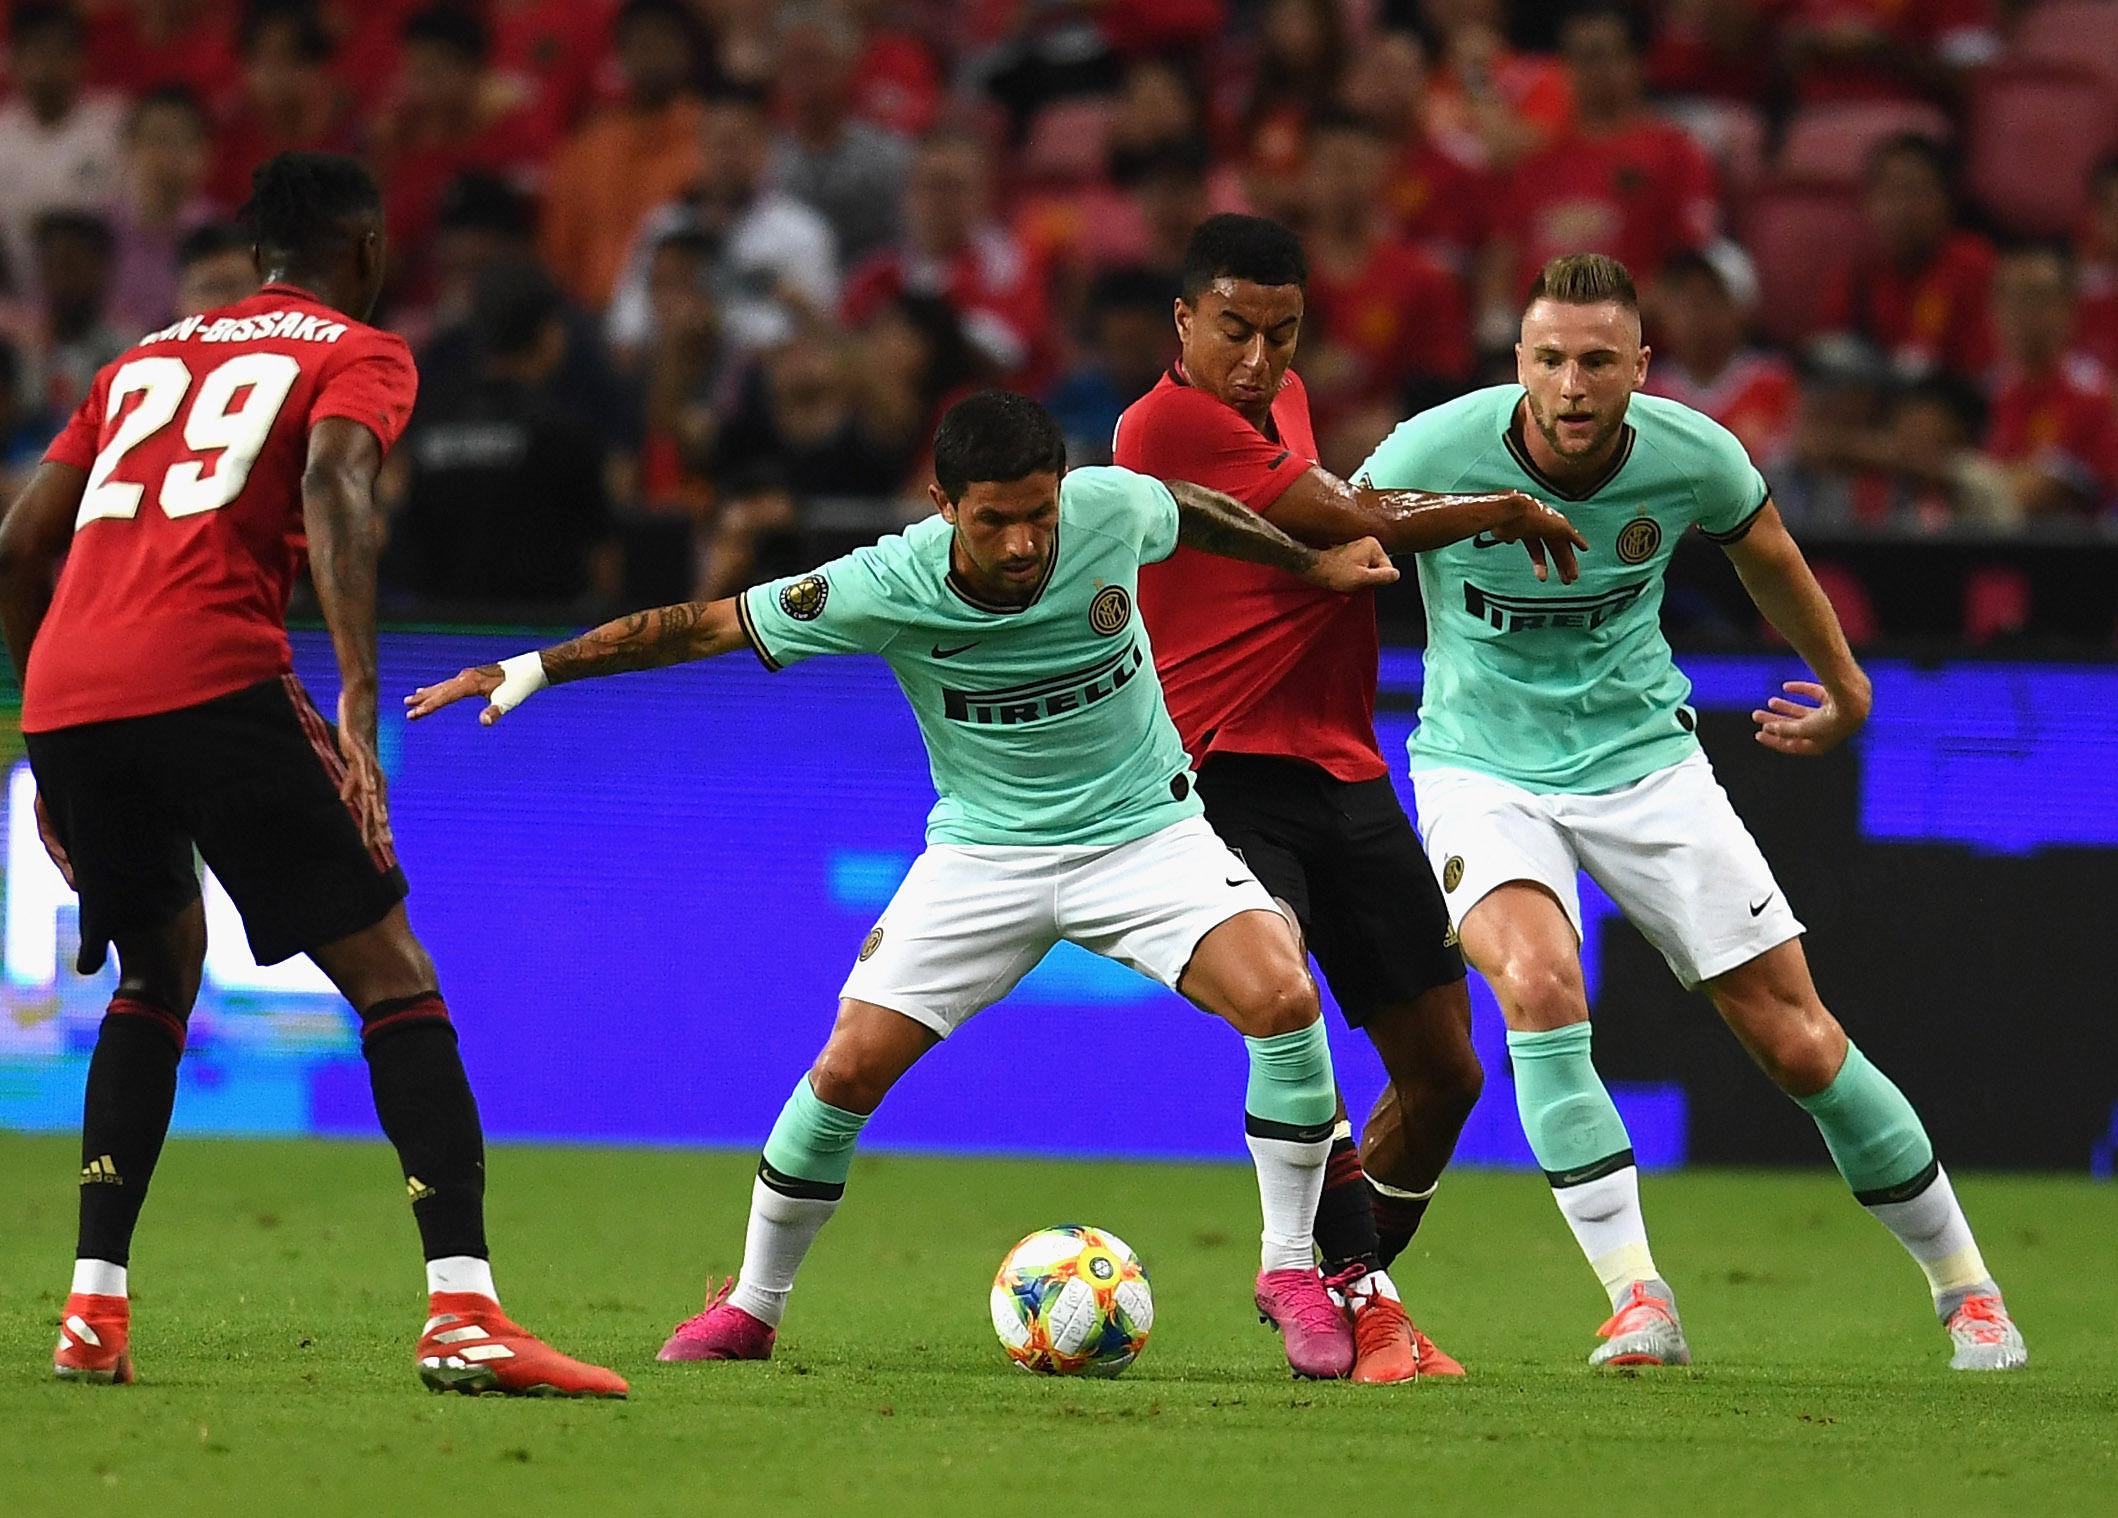 ICC 2019, el recuento fotográfico del Manchester United vs. Inter